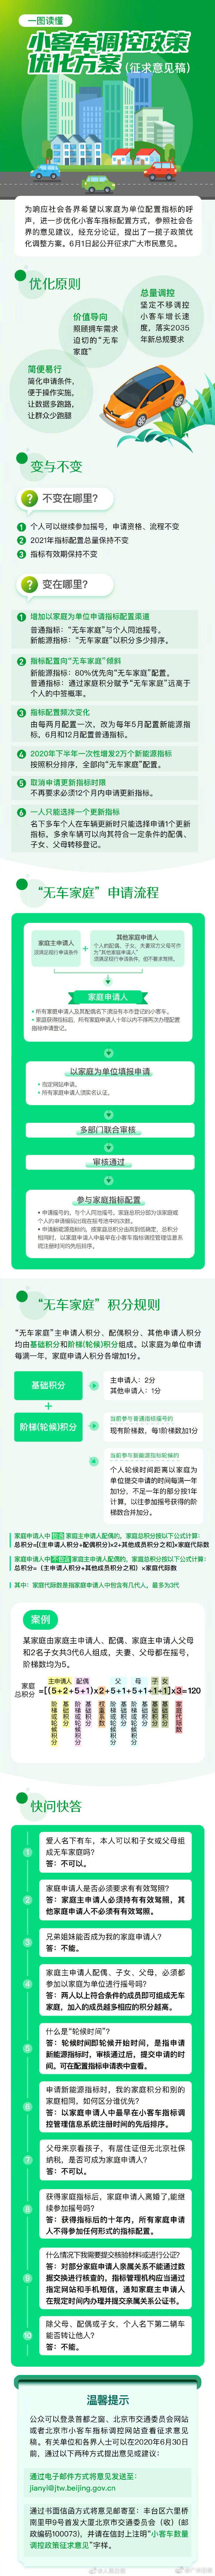 贵州省公路管理局北京小客车指标